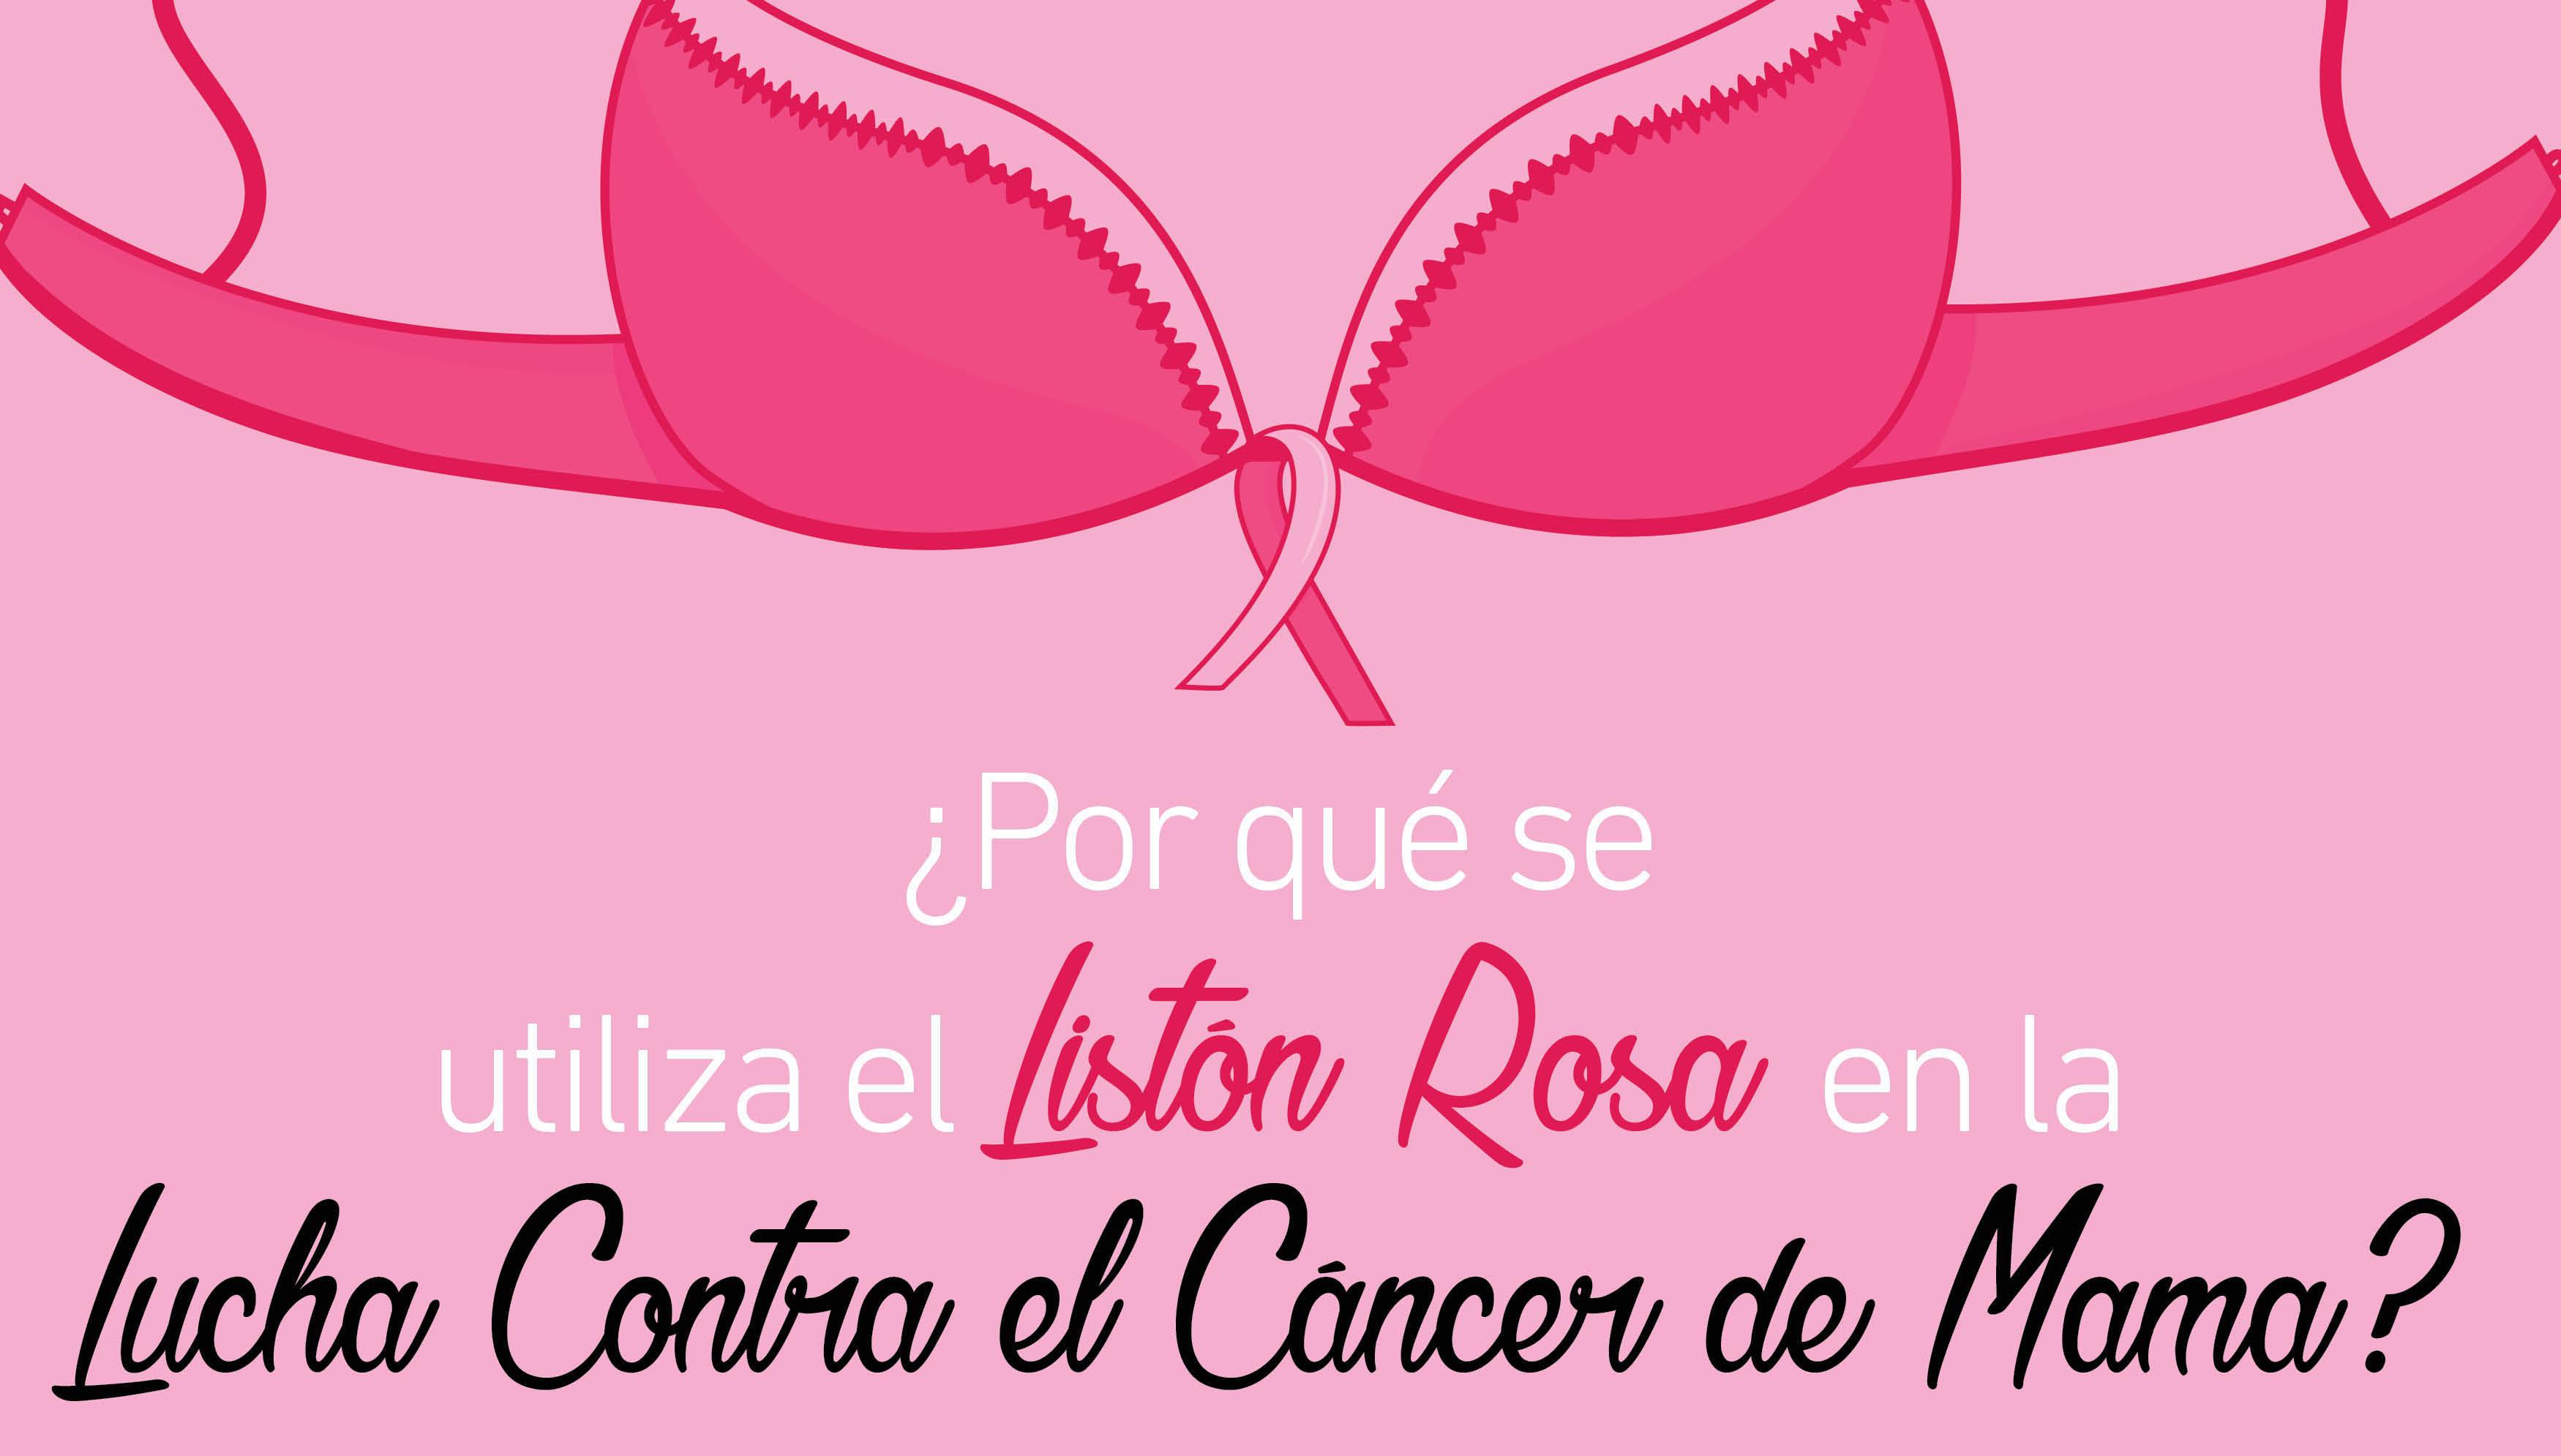 Imagenes Lazos Rosas Cancer.Por Que Se Utiliza El Lazo Rosa En La Lucha Contra El Cancer